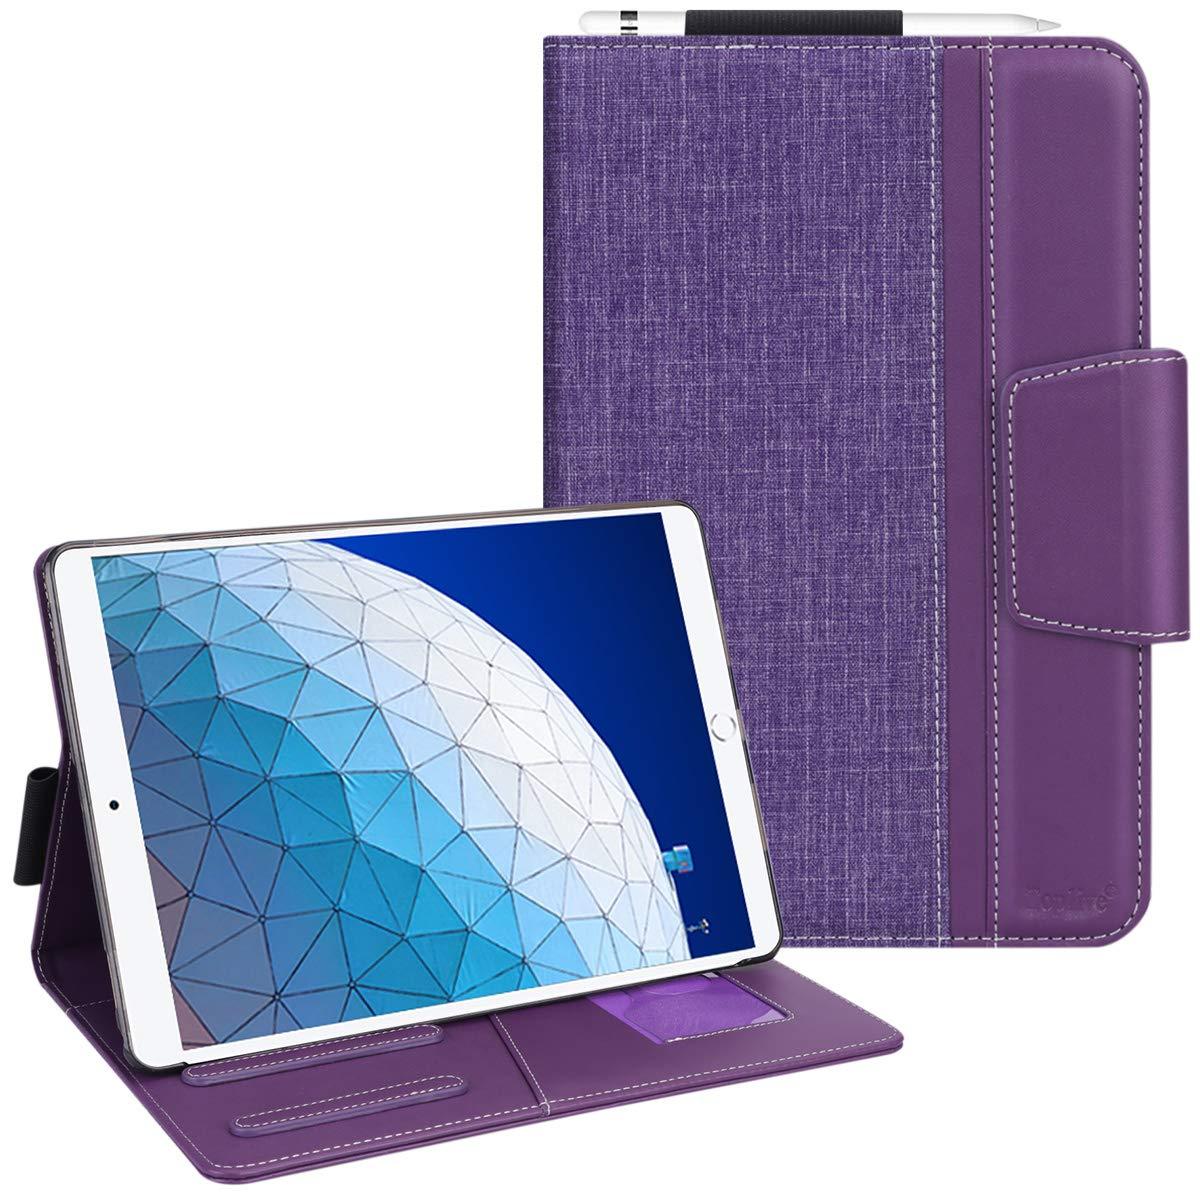 最も  Toplive iPad Air 3ケース 10.5インチ2019 スタンドフォリオケースカバー iPad Air 第3世代 パープル Toplive 第3世代 2019 iPad Pro 10.5インチ2017用 自動スリープ/ウェイク機能付き 複数の視野角 パープル TL-1975A-IP105-Air3-US-Purple パープル B07R4XDXRN, オートスナック:42e9c9d4 --- a0267596.xsph.ru